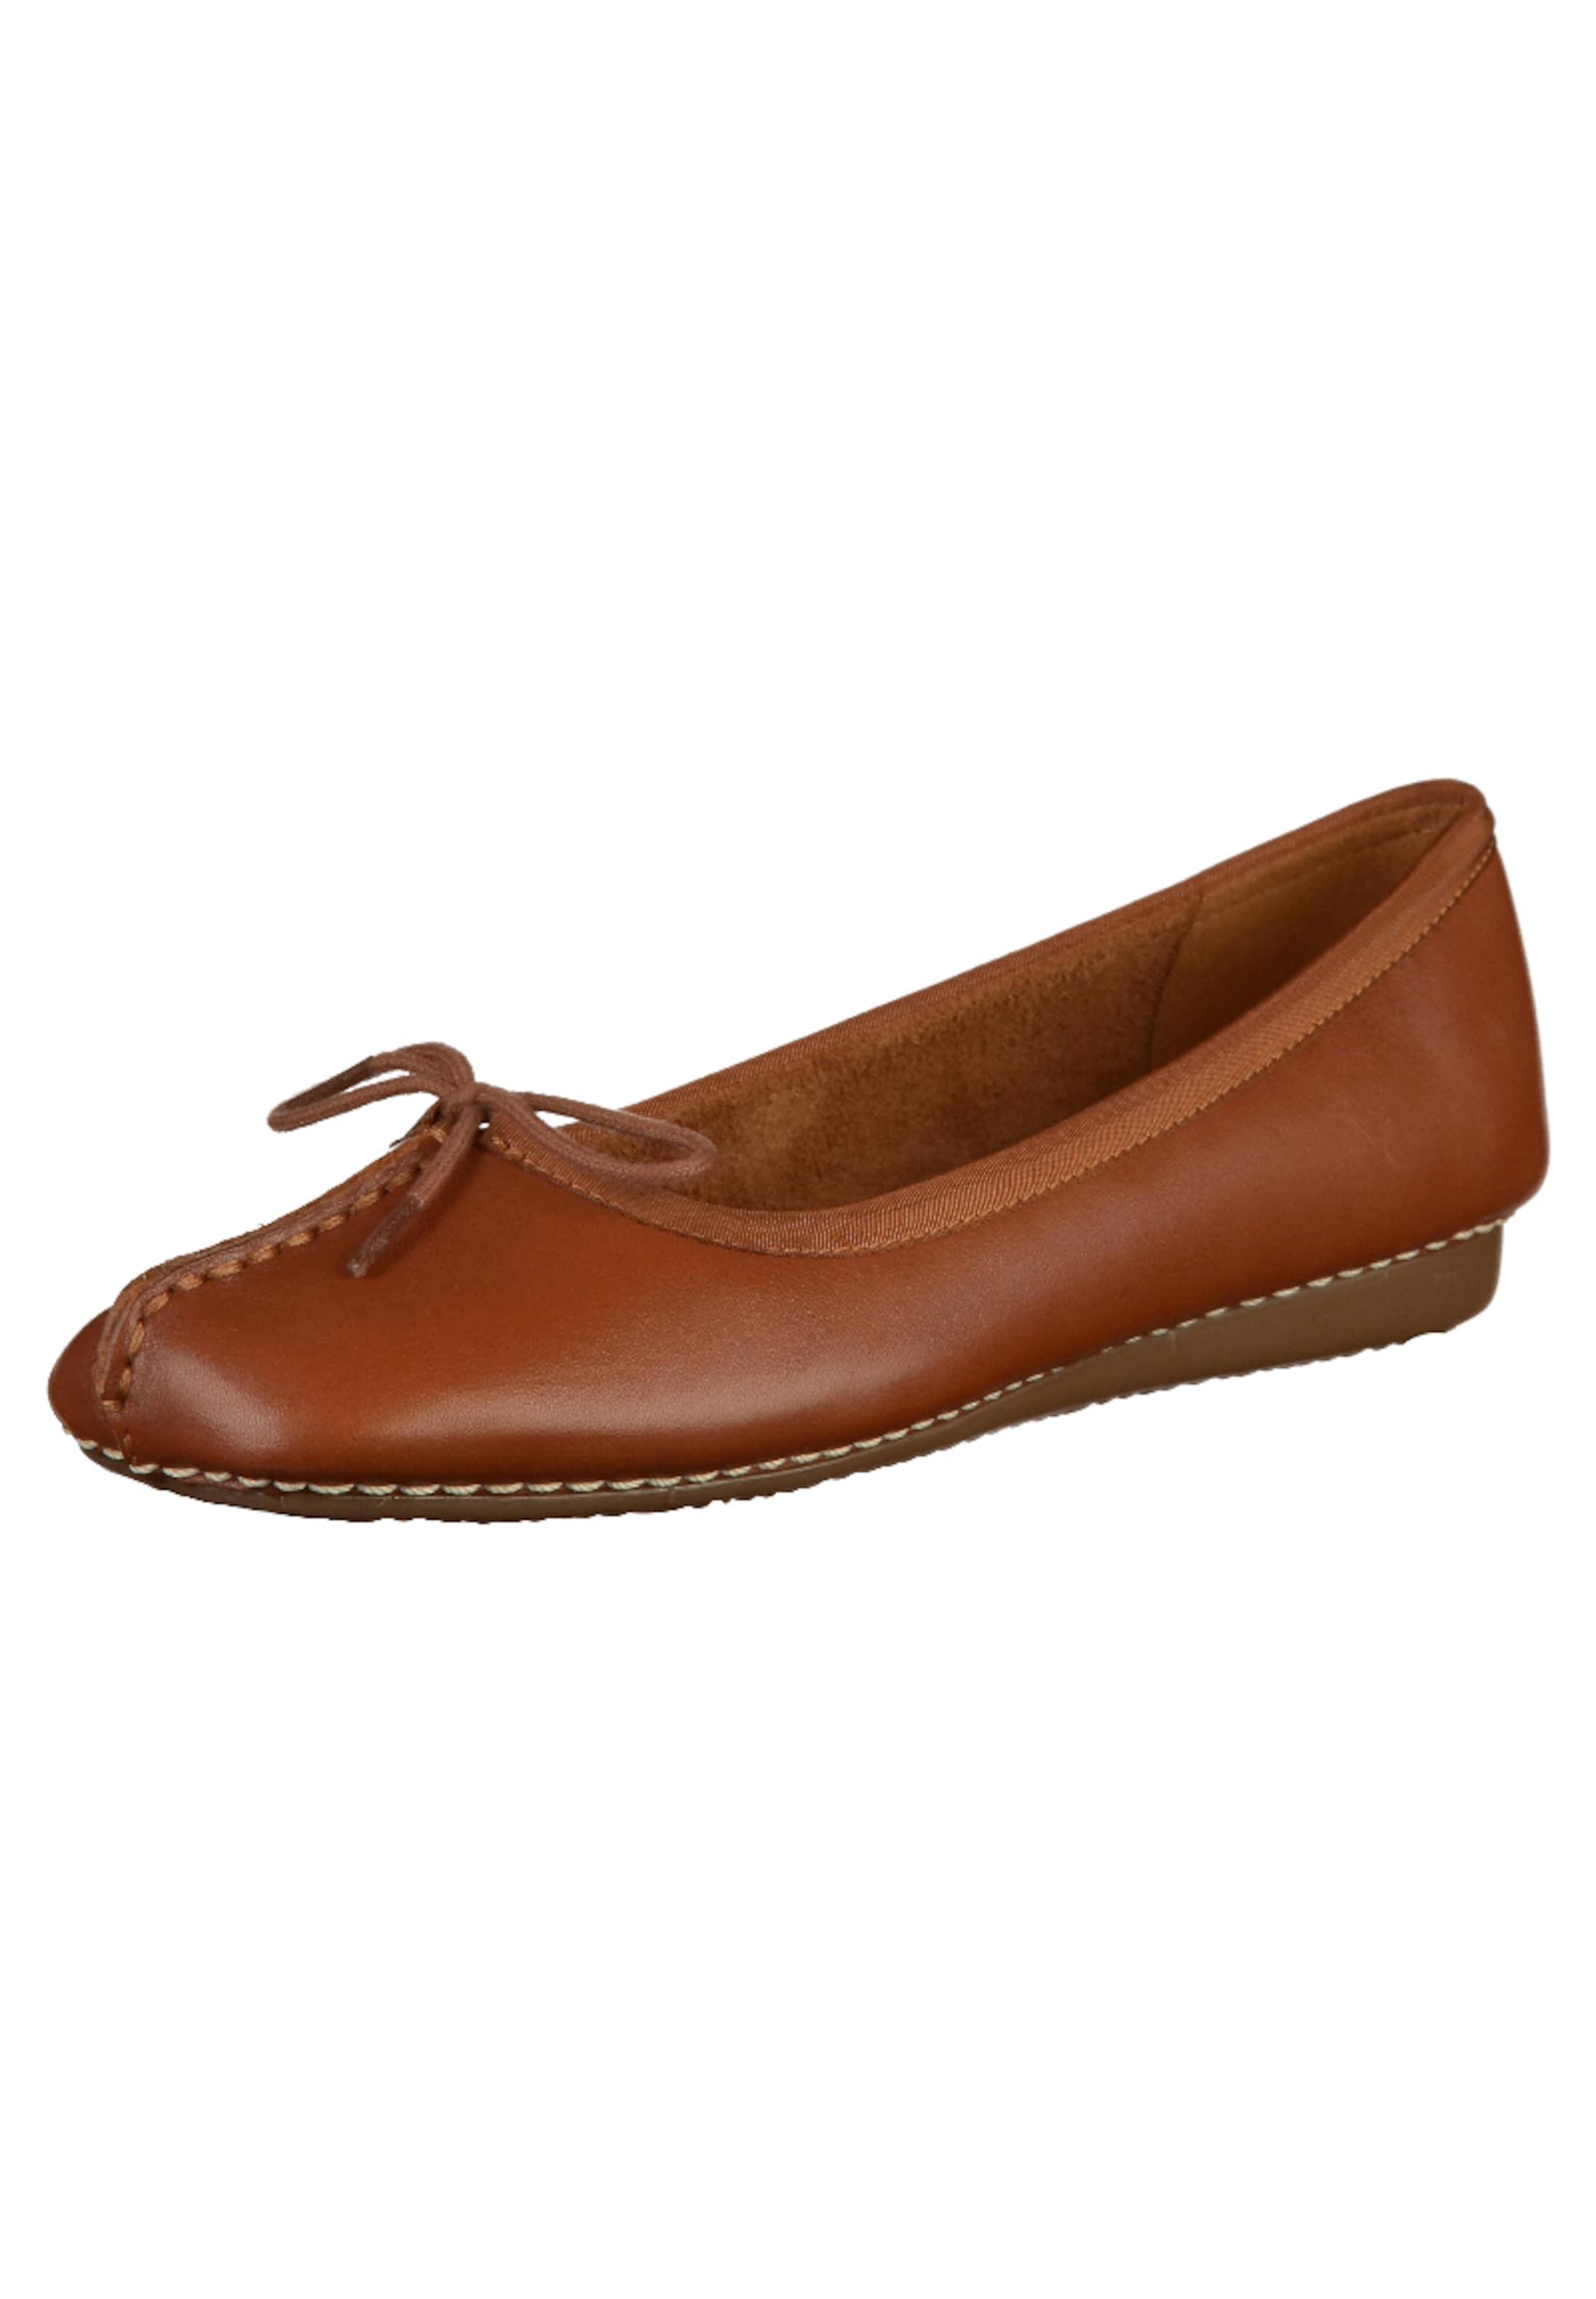 CLARKS Ballerinas Verschleißfeste billige Schuhe Hohe Qualität